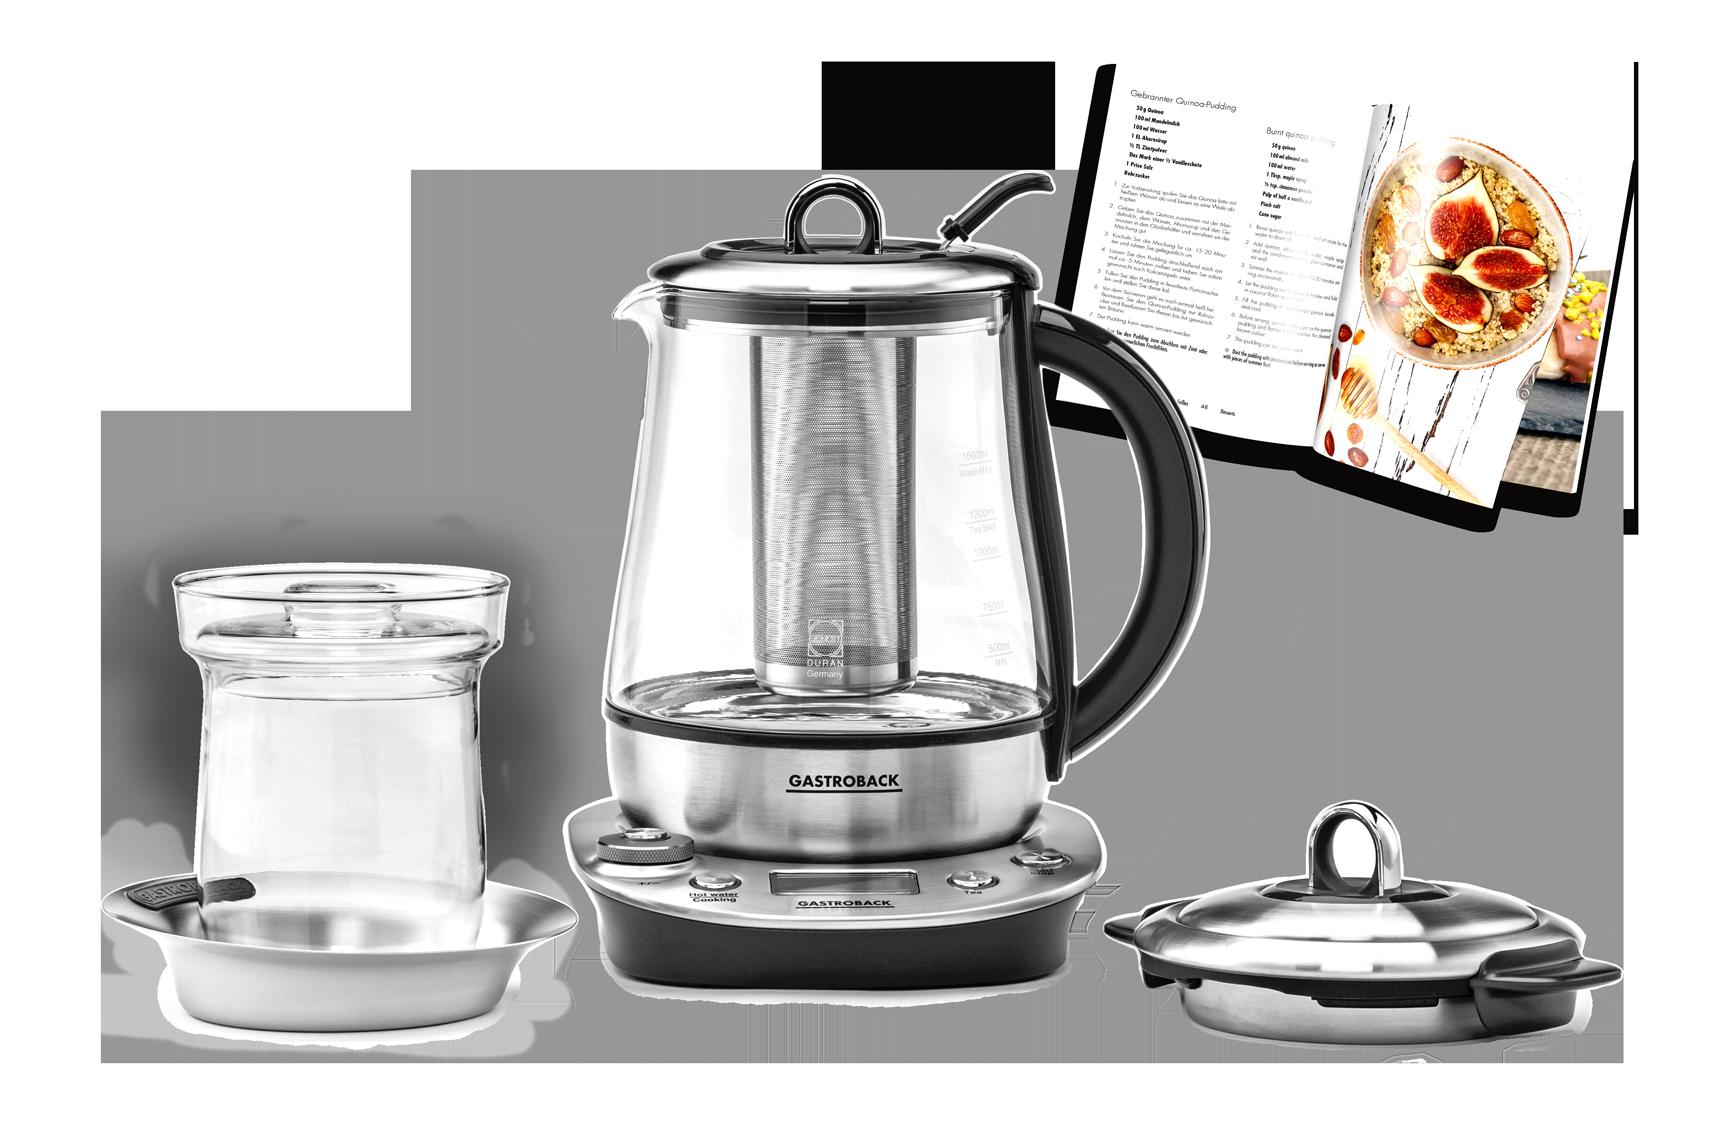 62438_Design_Tea_and_More_Advanced_Accessories